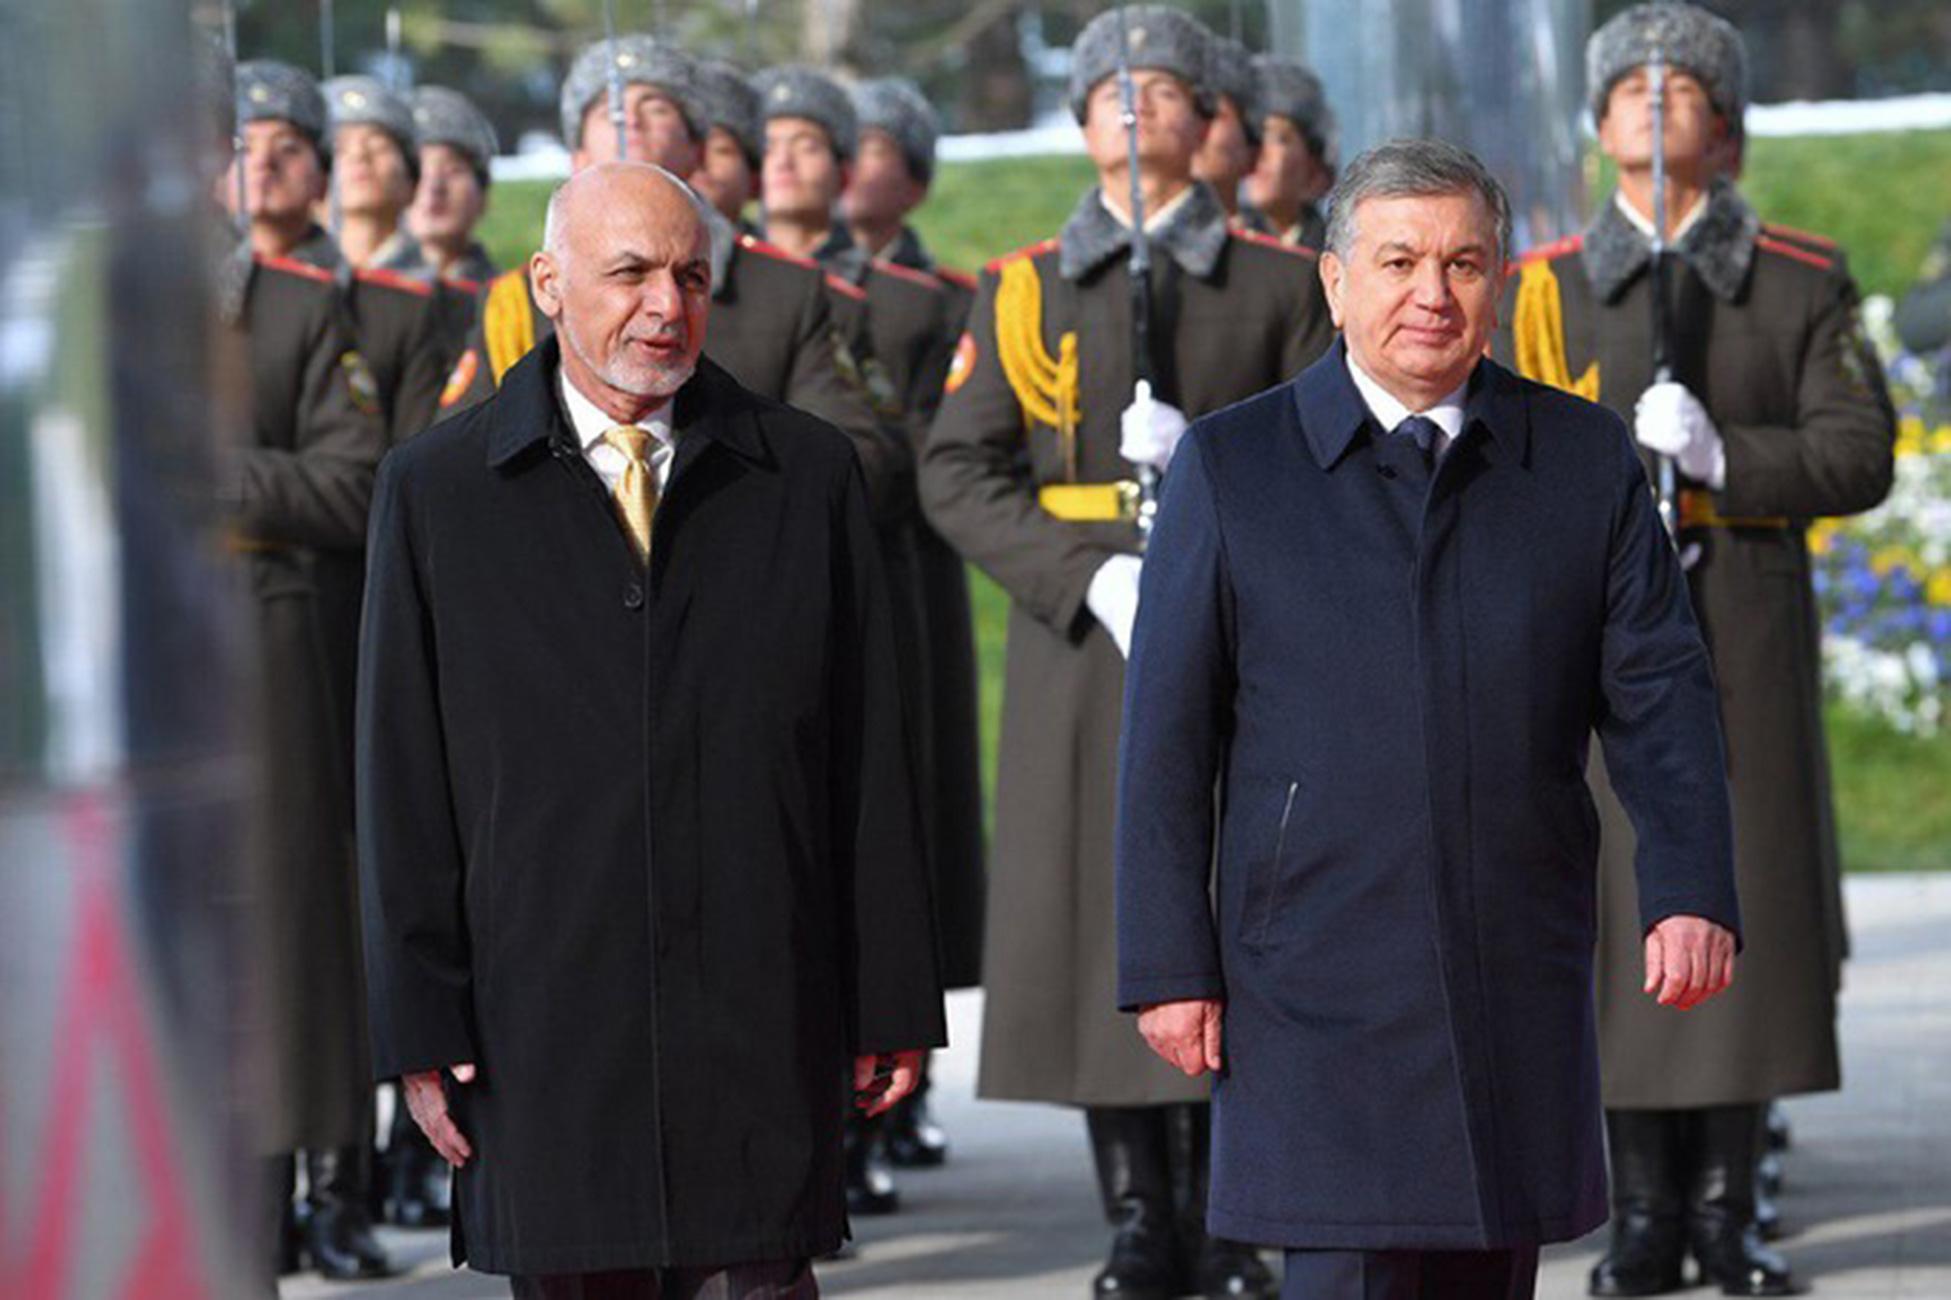 افغانستان د ازبکستان د ۲۰۱۹ د بهرنۍ پالیسۍ عمده برخه جوړوي